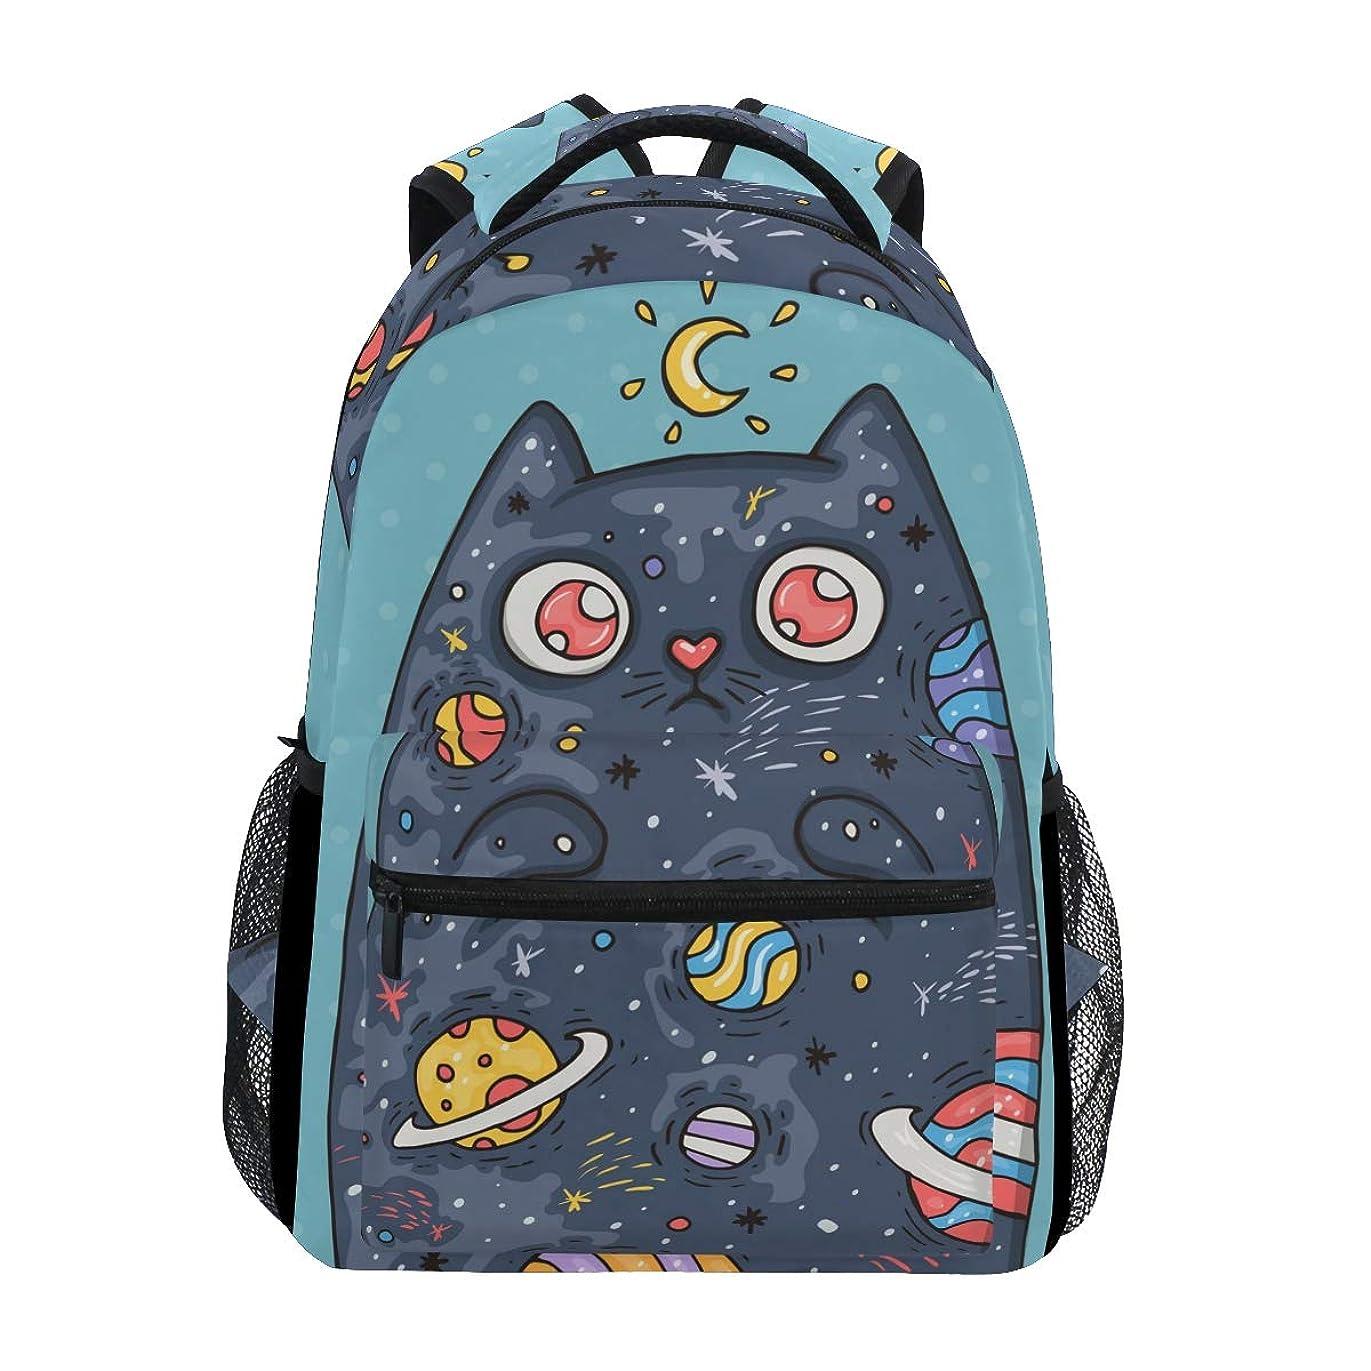 上回る郊外意識的マキク(MAKIKU) リュック レディース 大容量 軽量 星空 猫柄 月柄 惑星 リュックサック メンズ 高校生 A4 中学生 小学生 通学